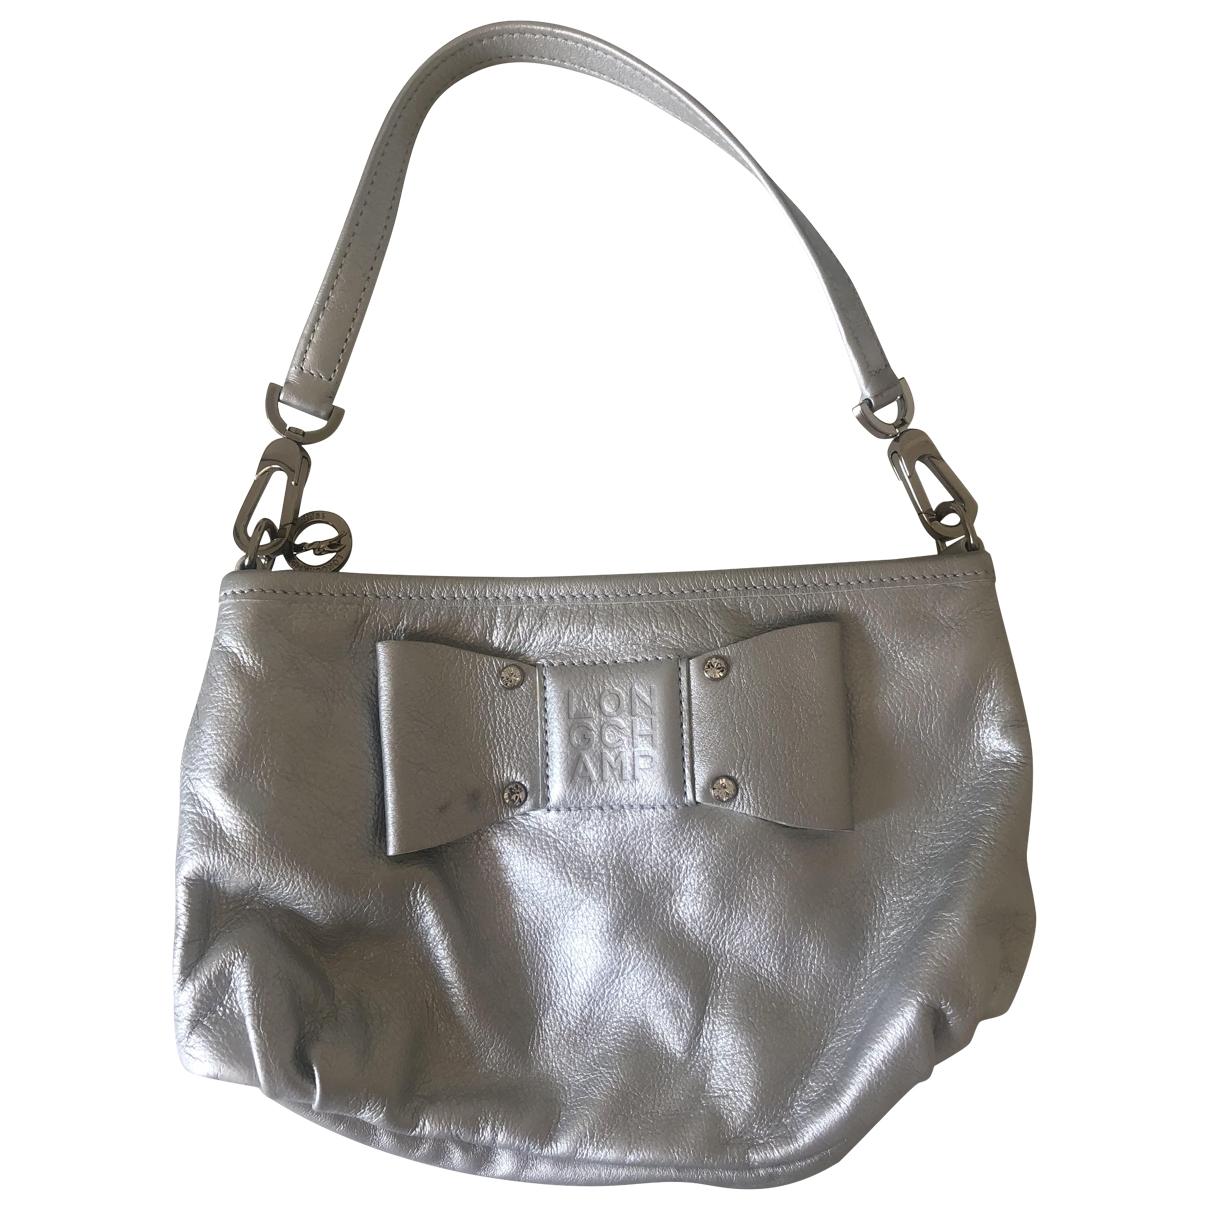 Longchamp - Sac a main   pour femme en cuir - argente